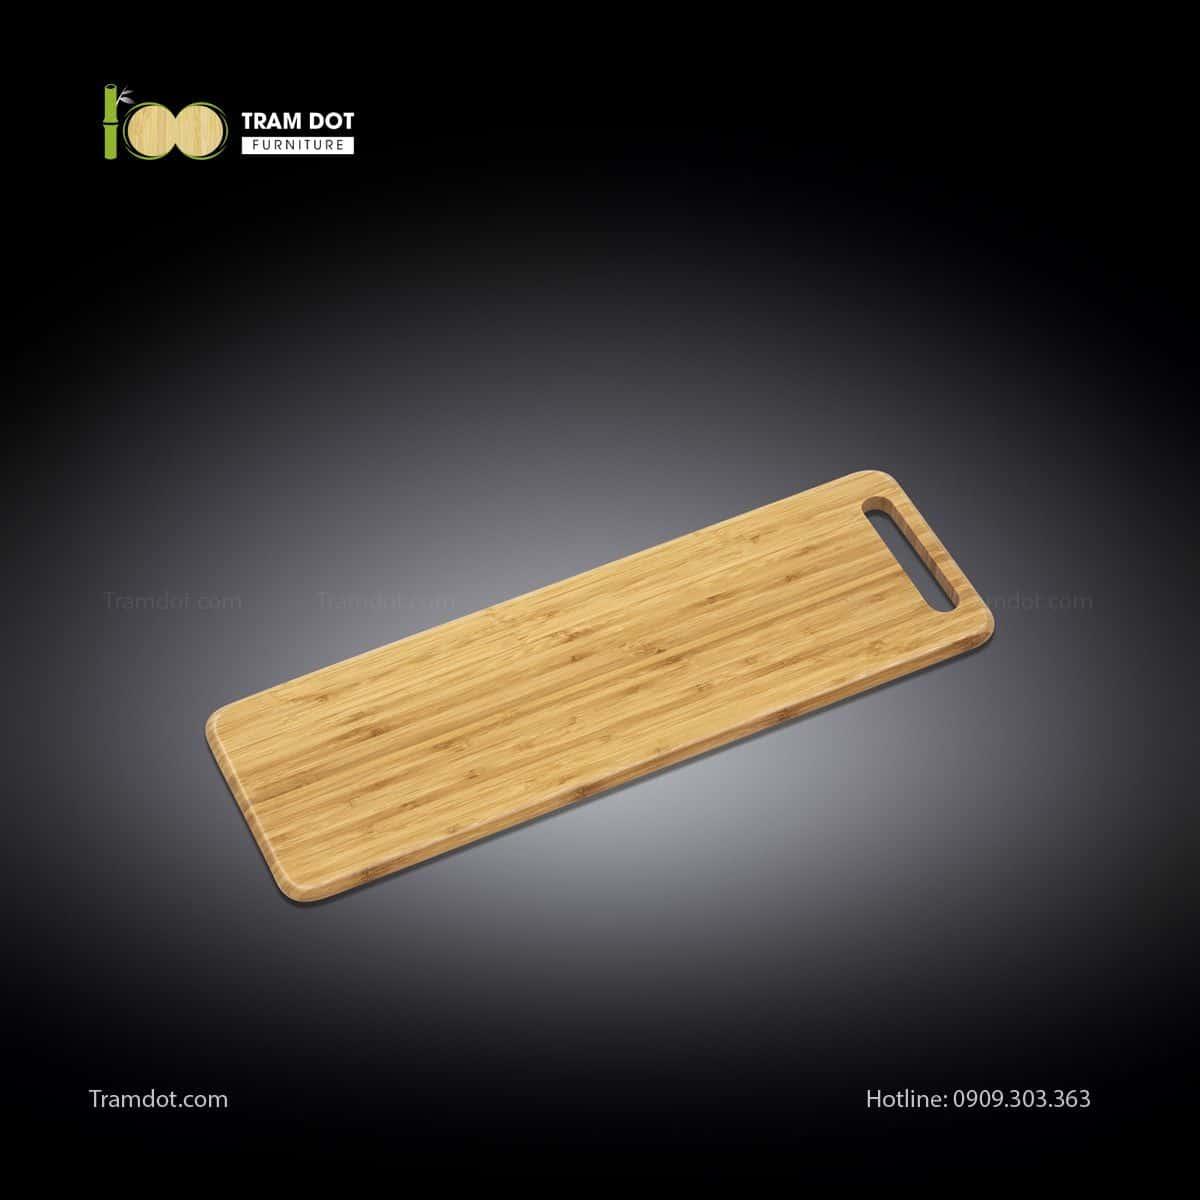 Khay tre phục vụ chữ nhật dài 60x20cm (HỘP 30 CÁI)   TRAMDOT Furniture